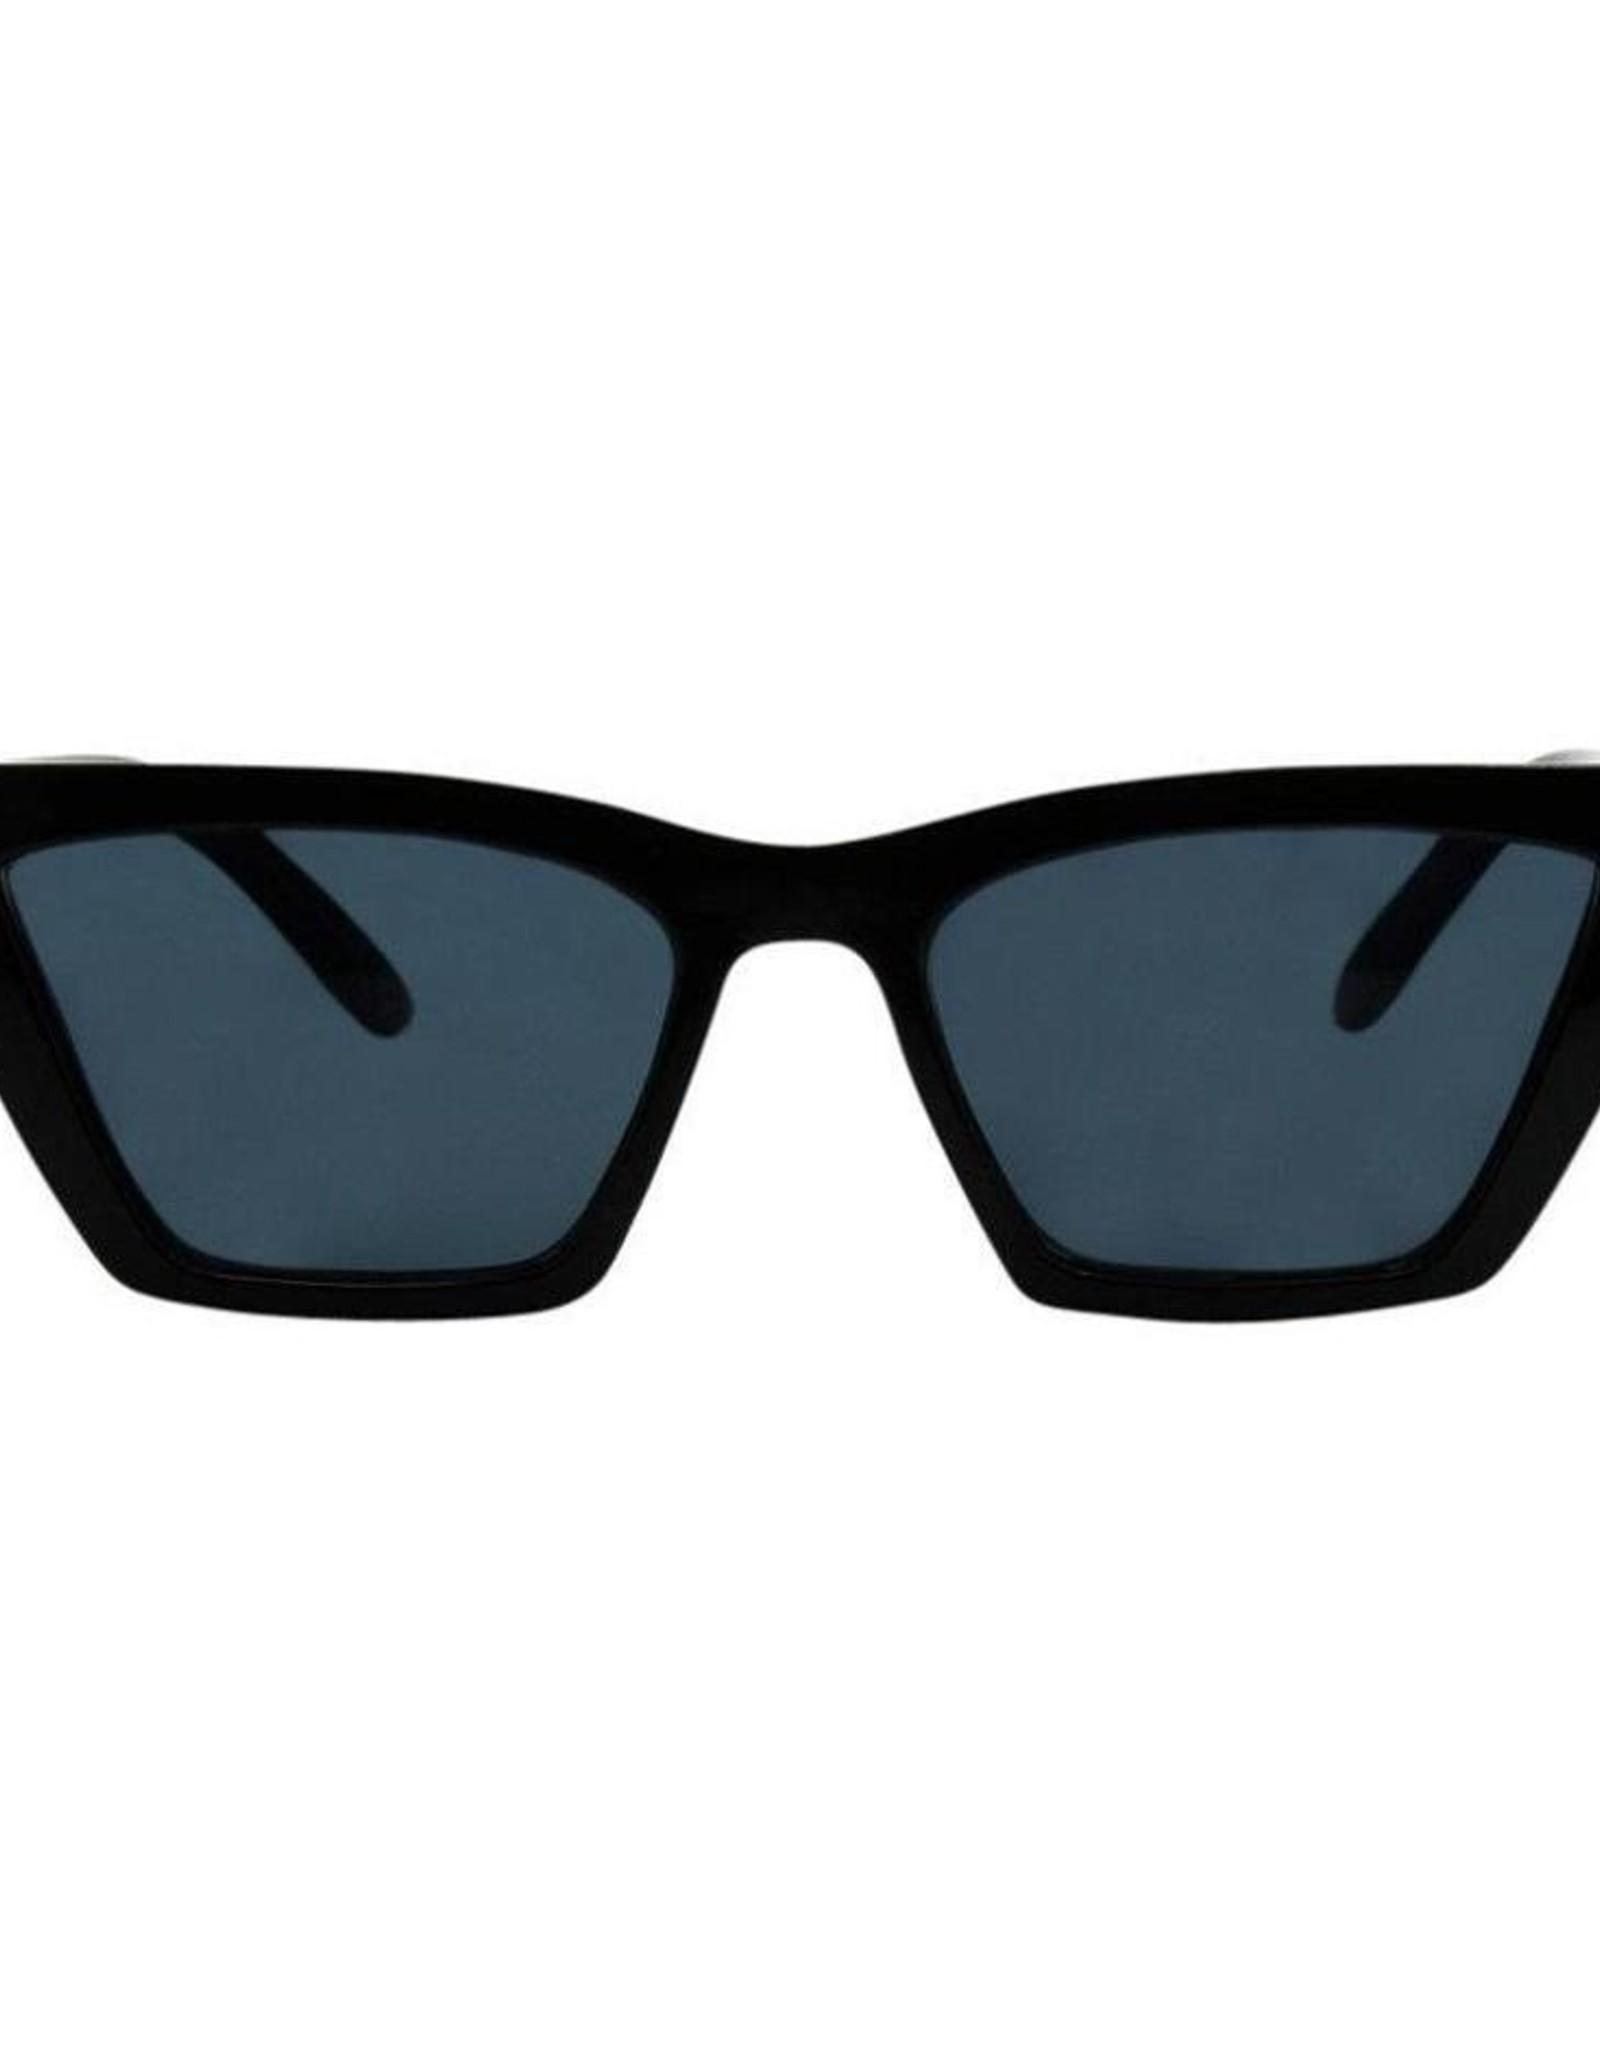 I SEA Rosey Sunglasses